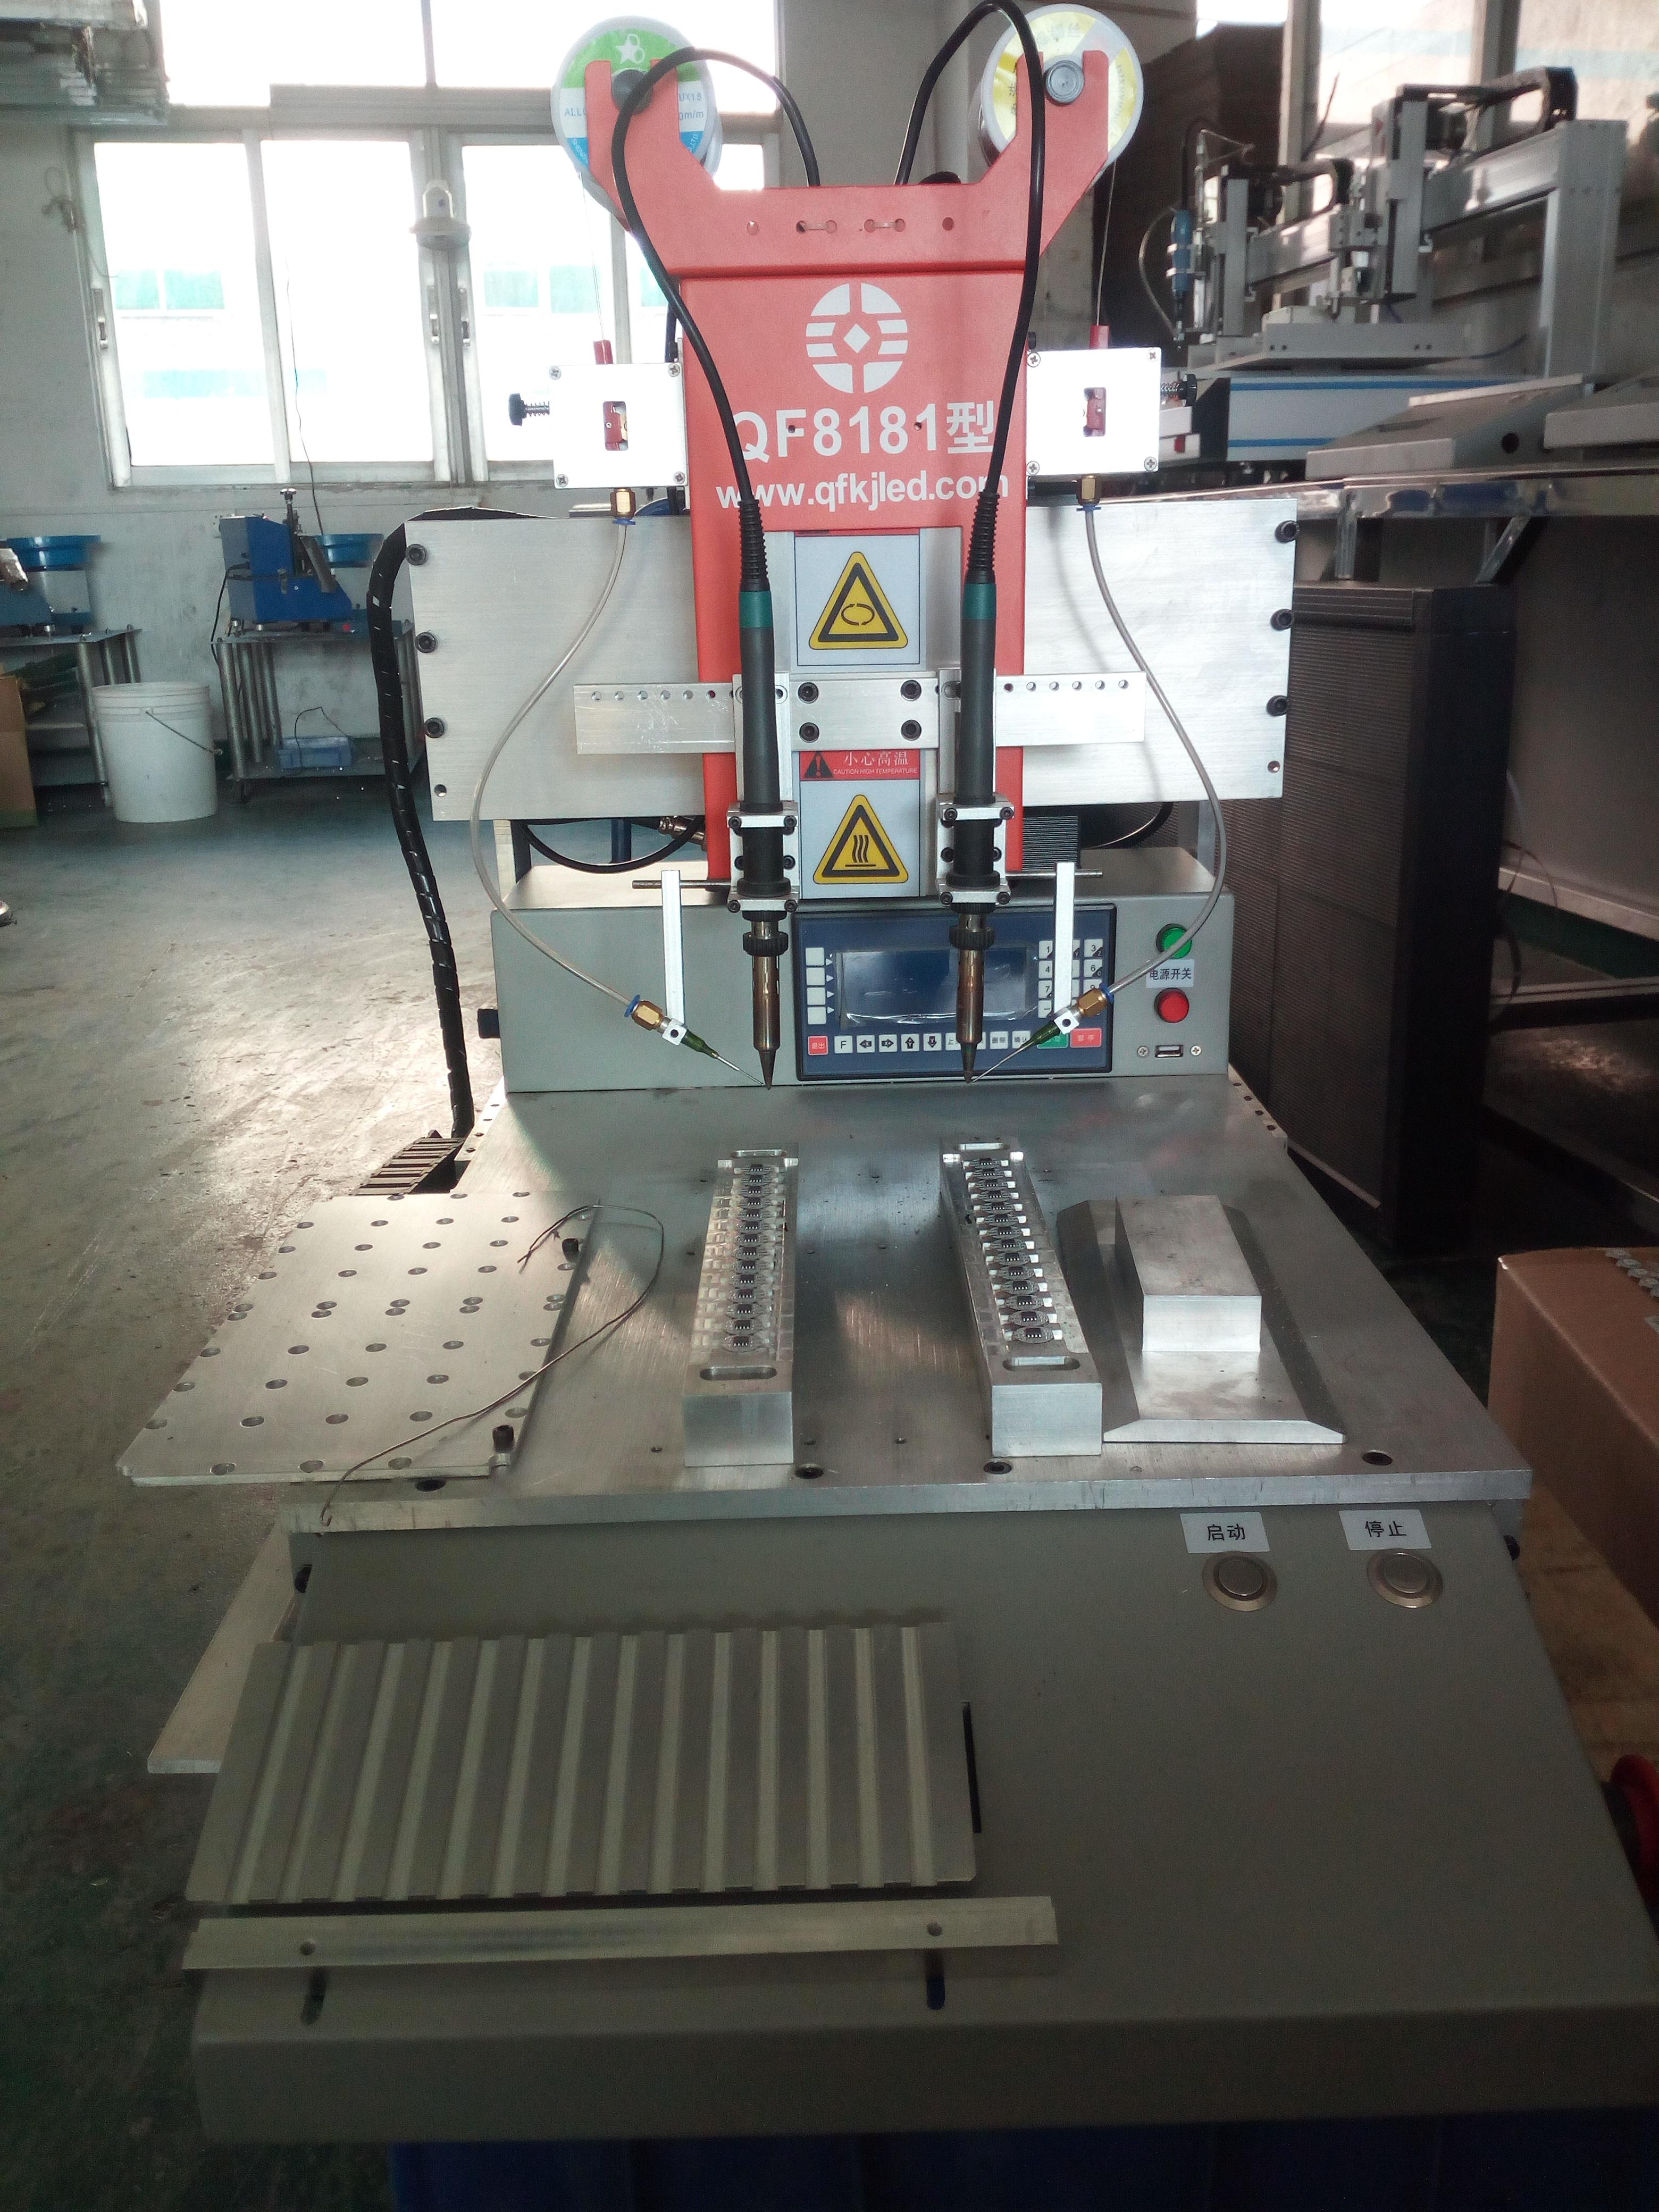 全自动焊锡机   桌面式焊锡机   定制桌面式非标全自动焊锡机   自动点焊机   自动焊线机